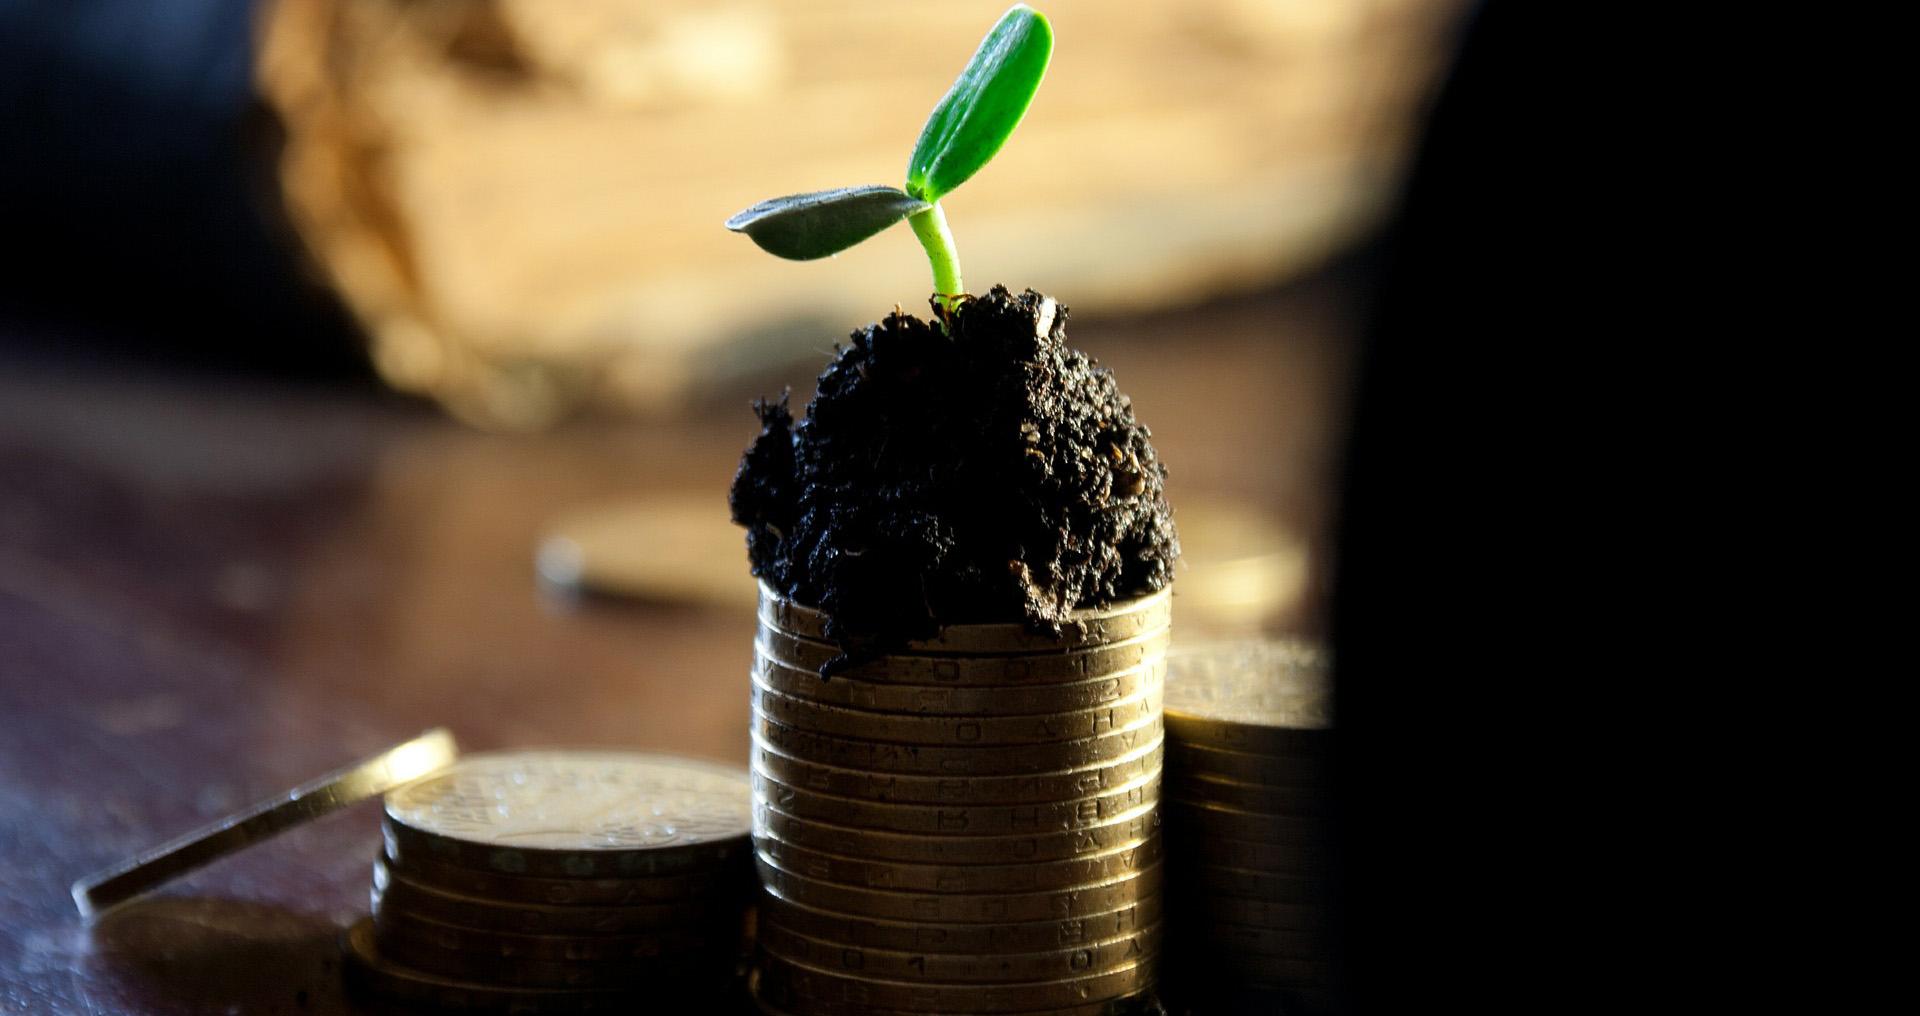 「この春から変わろう」お金を貯めるために新しく始めたい5つのこと